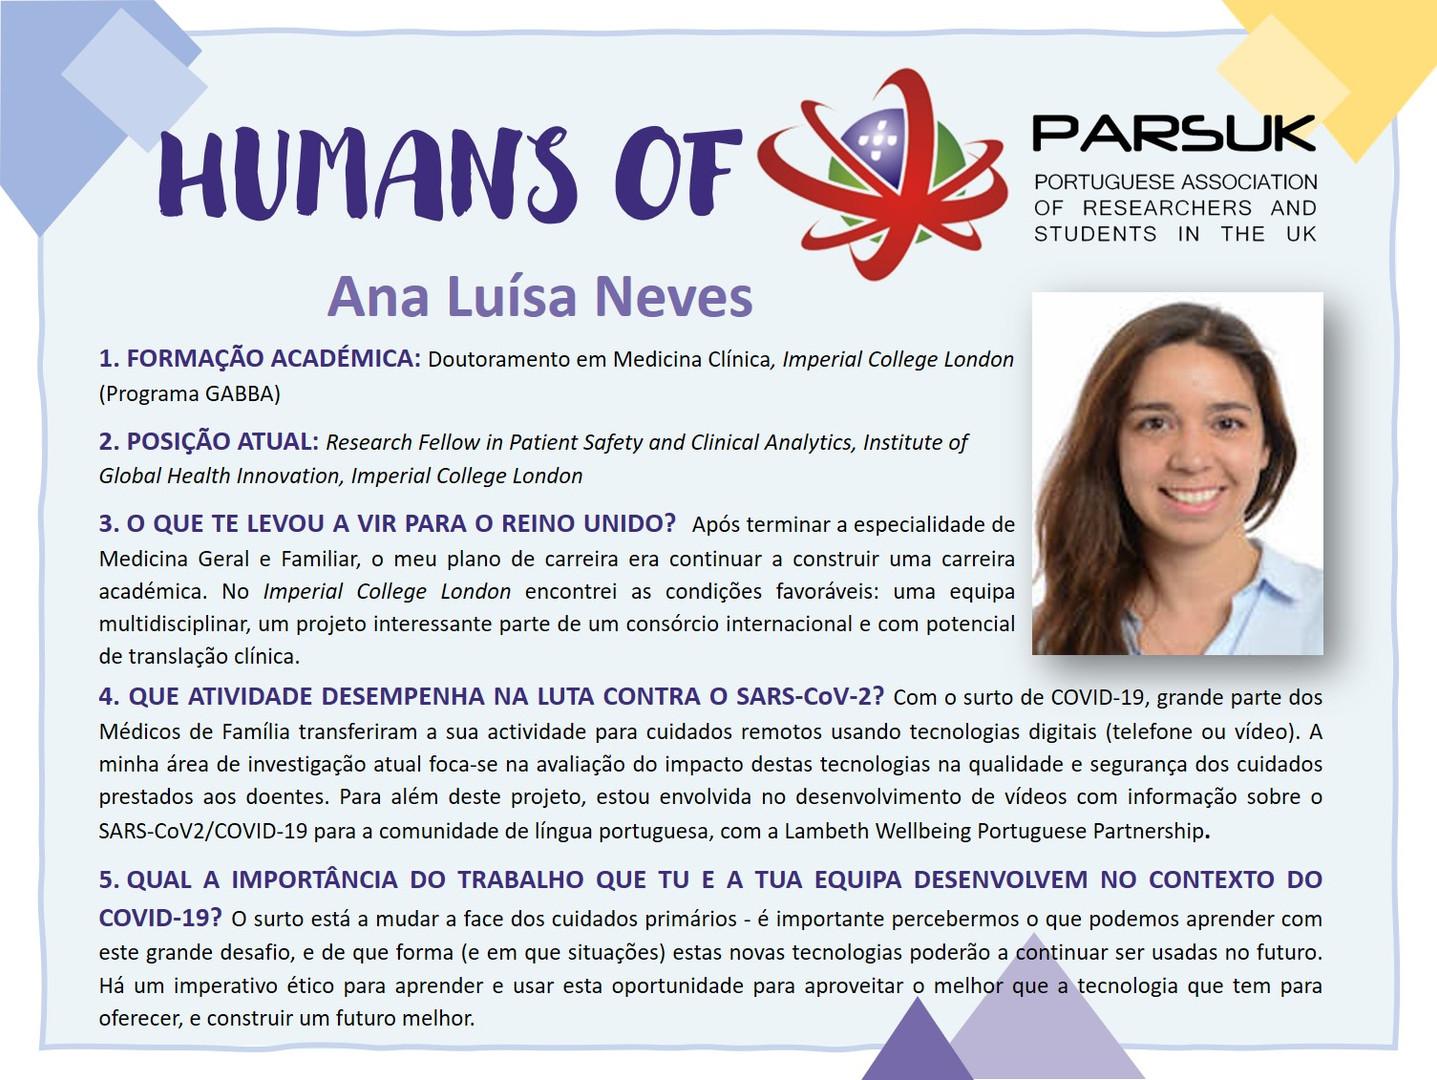 7.Ana Luísa Neves.jpg